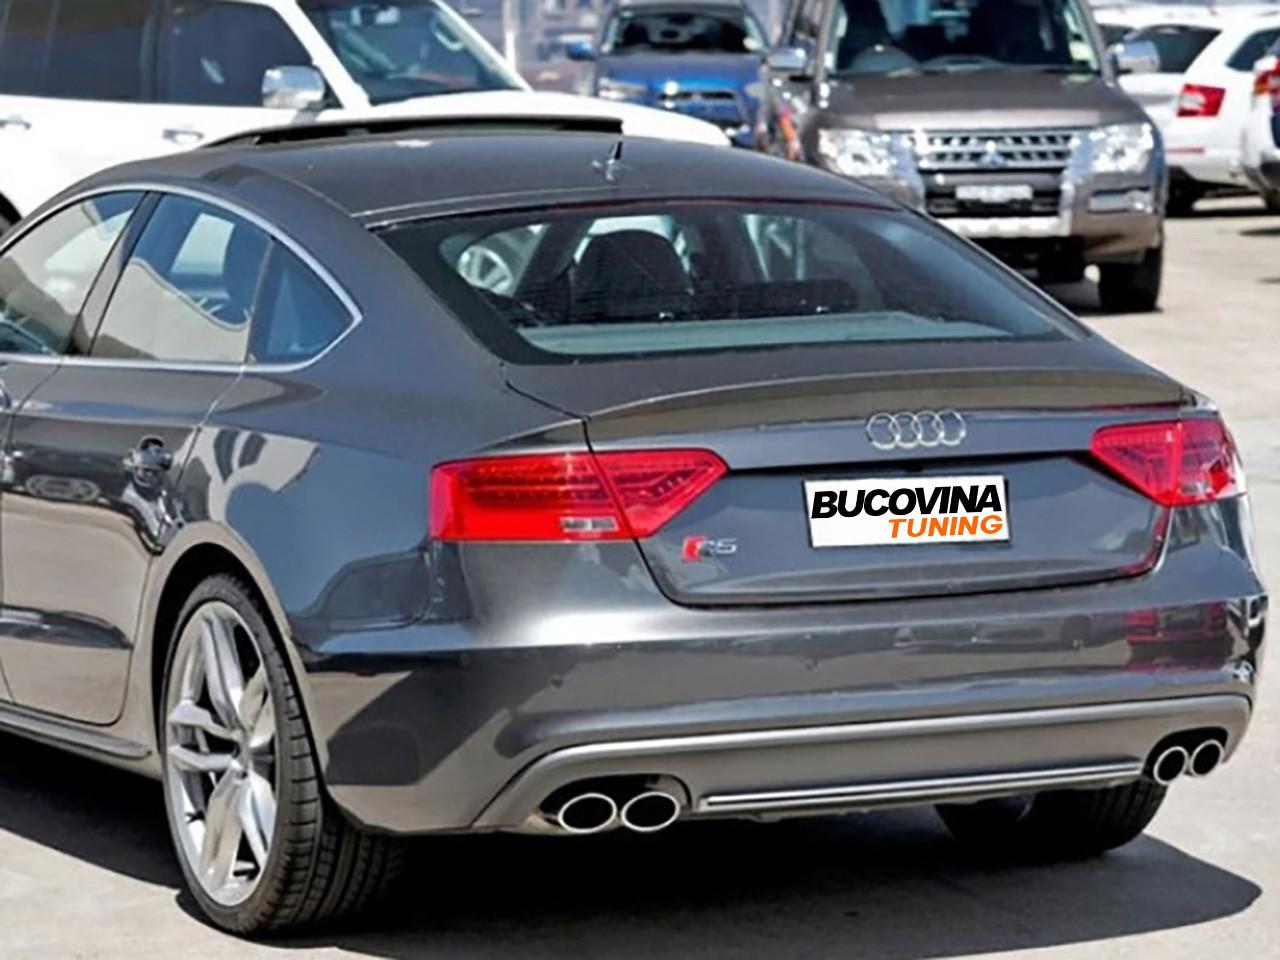 Difuzor bara spate si ornamente evacuare Audi A5 8T Sportback (12-15) S5 Design